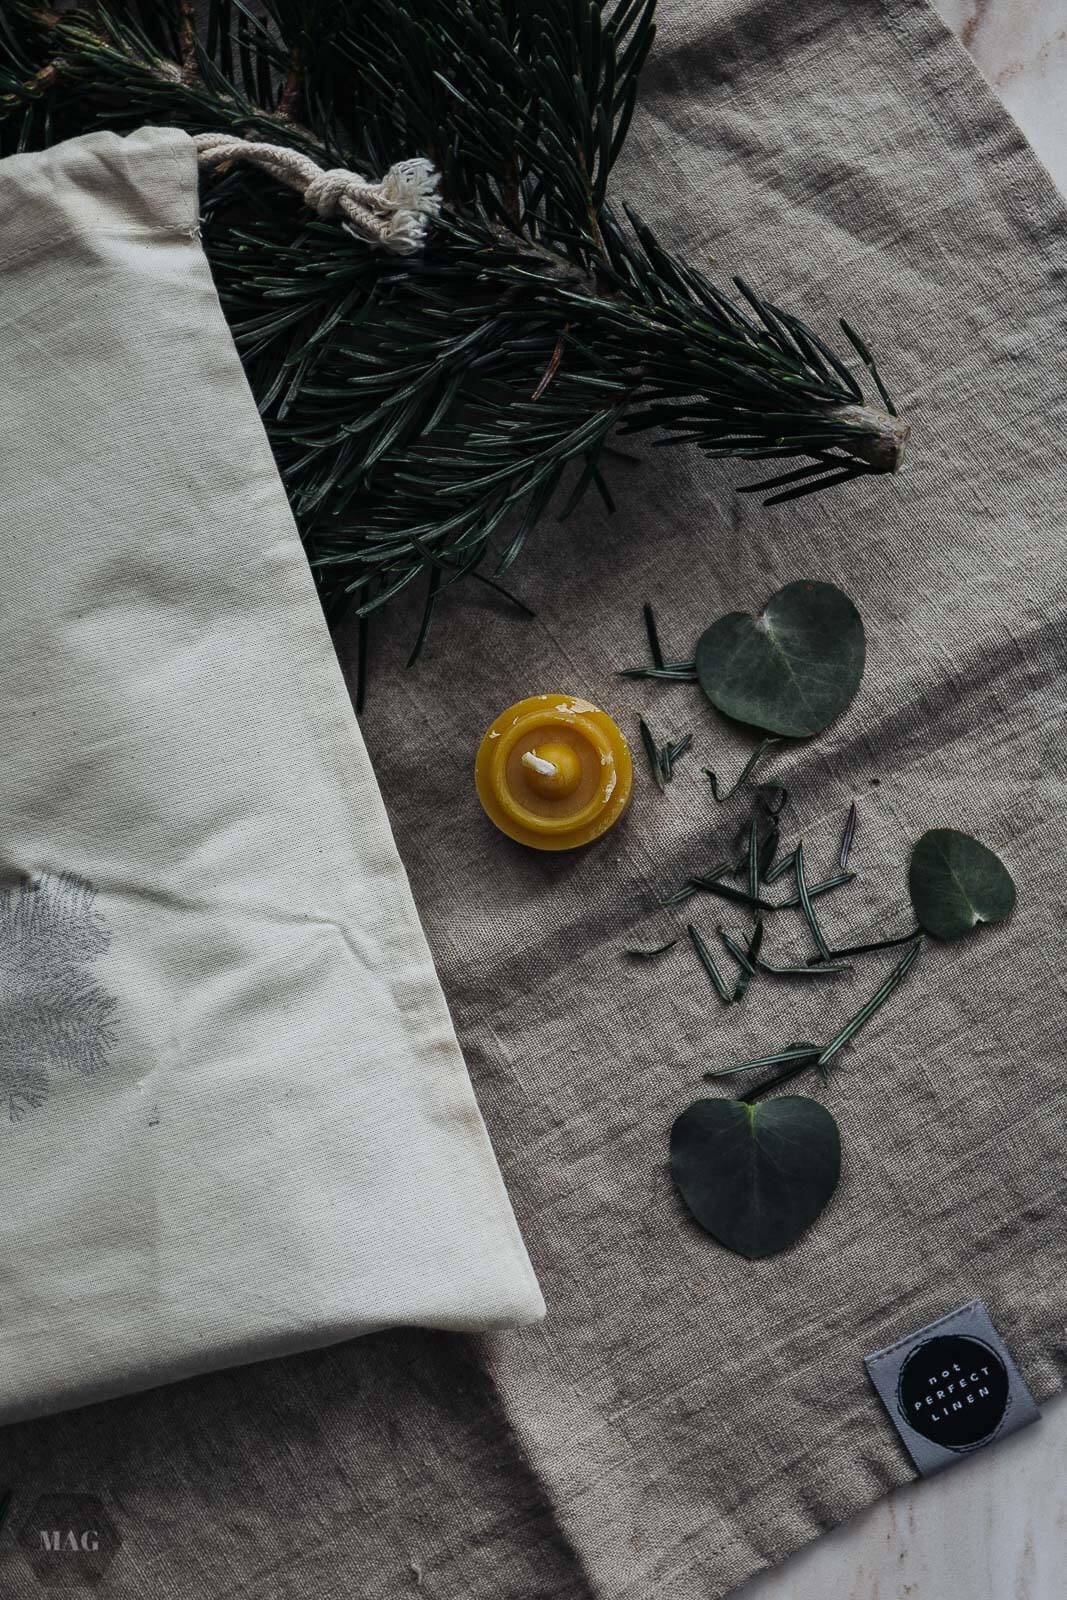 Less-Waste-Geschenkverpackungen, Verpackungen Geschenke Zero Waste, Zero Waste Geschenkverpackungen, Zero Waste Verpackung, Weihnachten nachhaltig, Weihnachten Geschenkverpackungen Zero Waste, Zero Waste Verpackungen Geschenke, Geschenke Zero Waste, Weihnachten Zero Waste